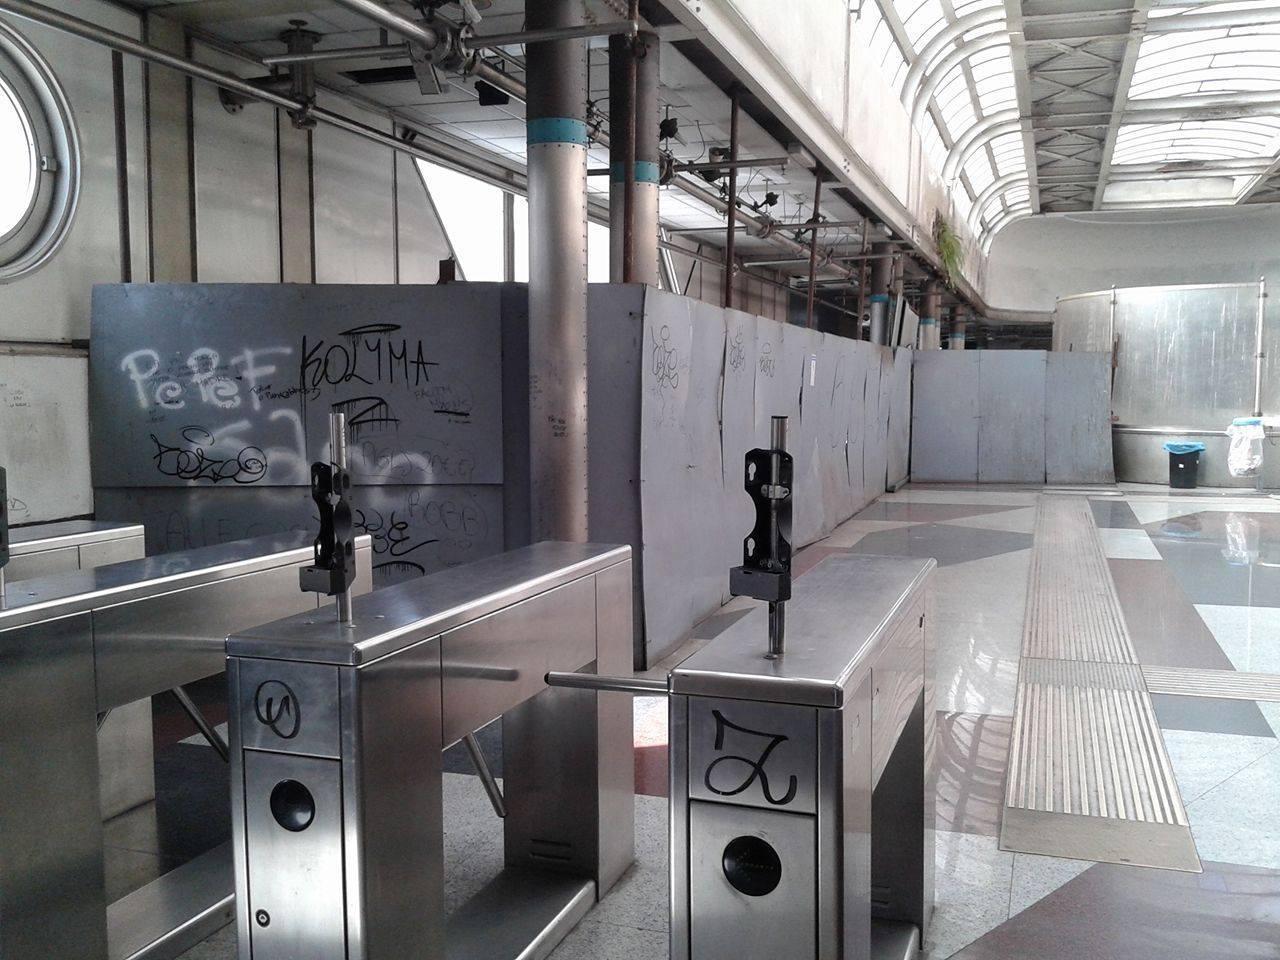 Rubate le obliteratrici della fermata Piave: atti vandalici delle baby gang